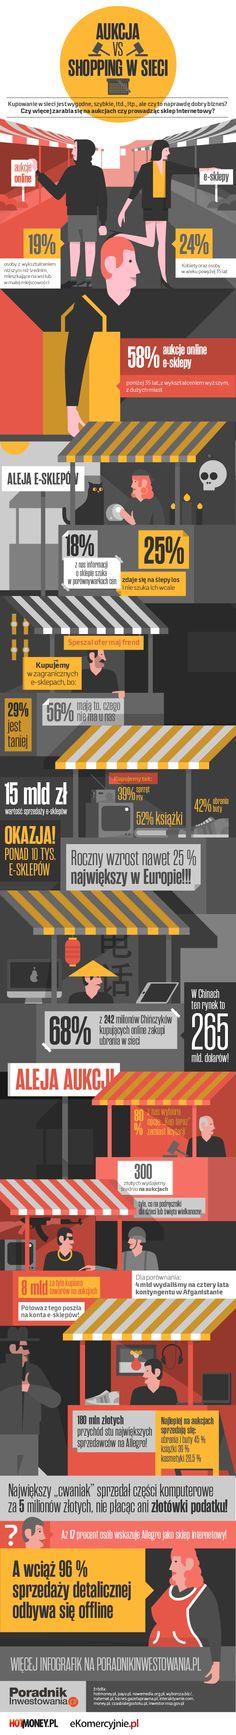 Aukcje internetowe vs e-sklep - graficzna analiza od #Poradnikinwestowania